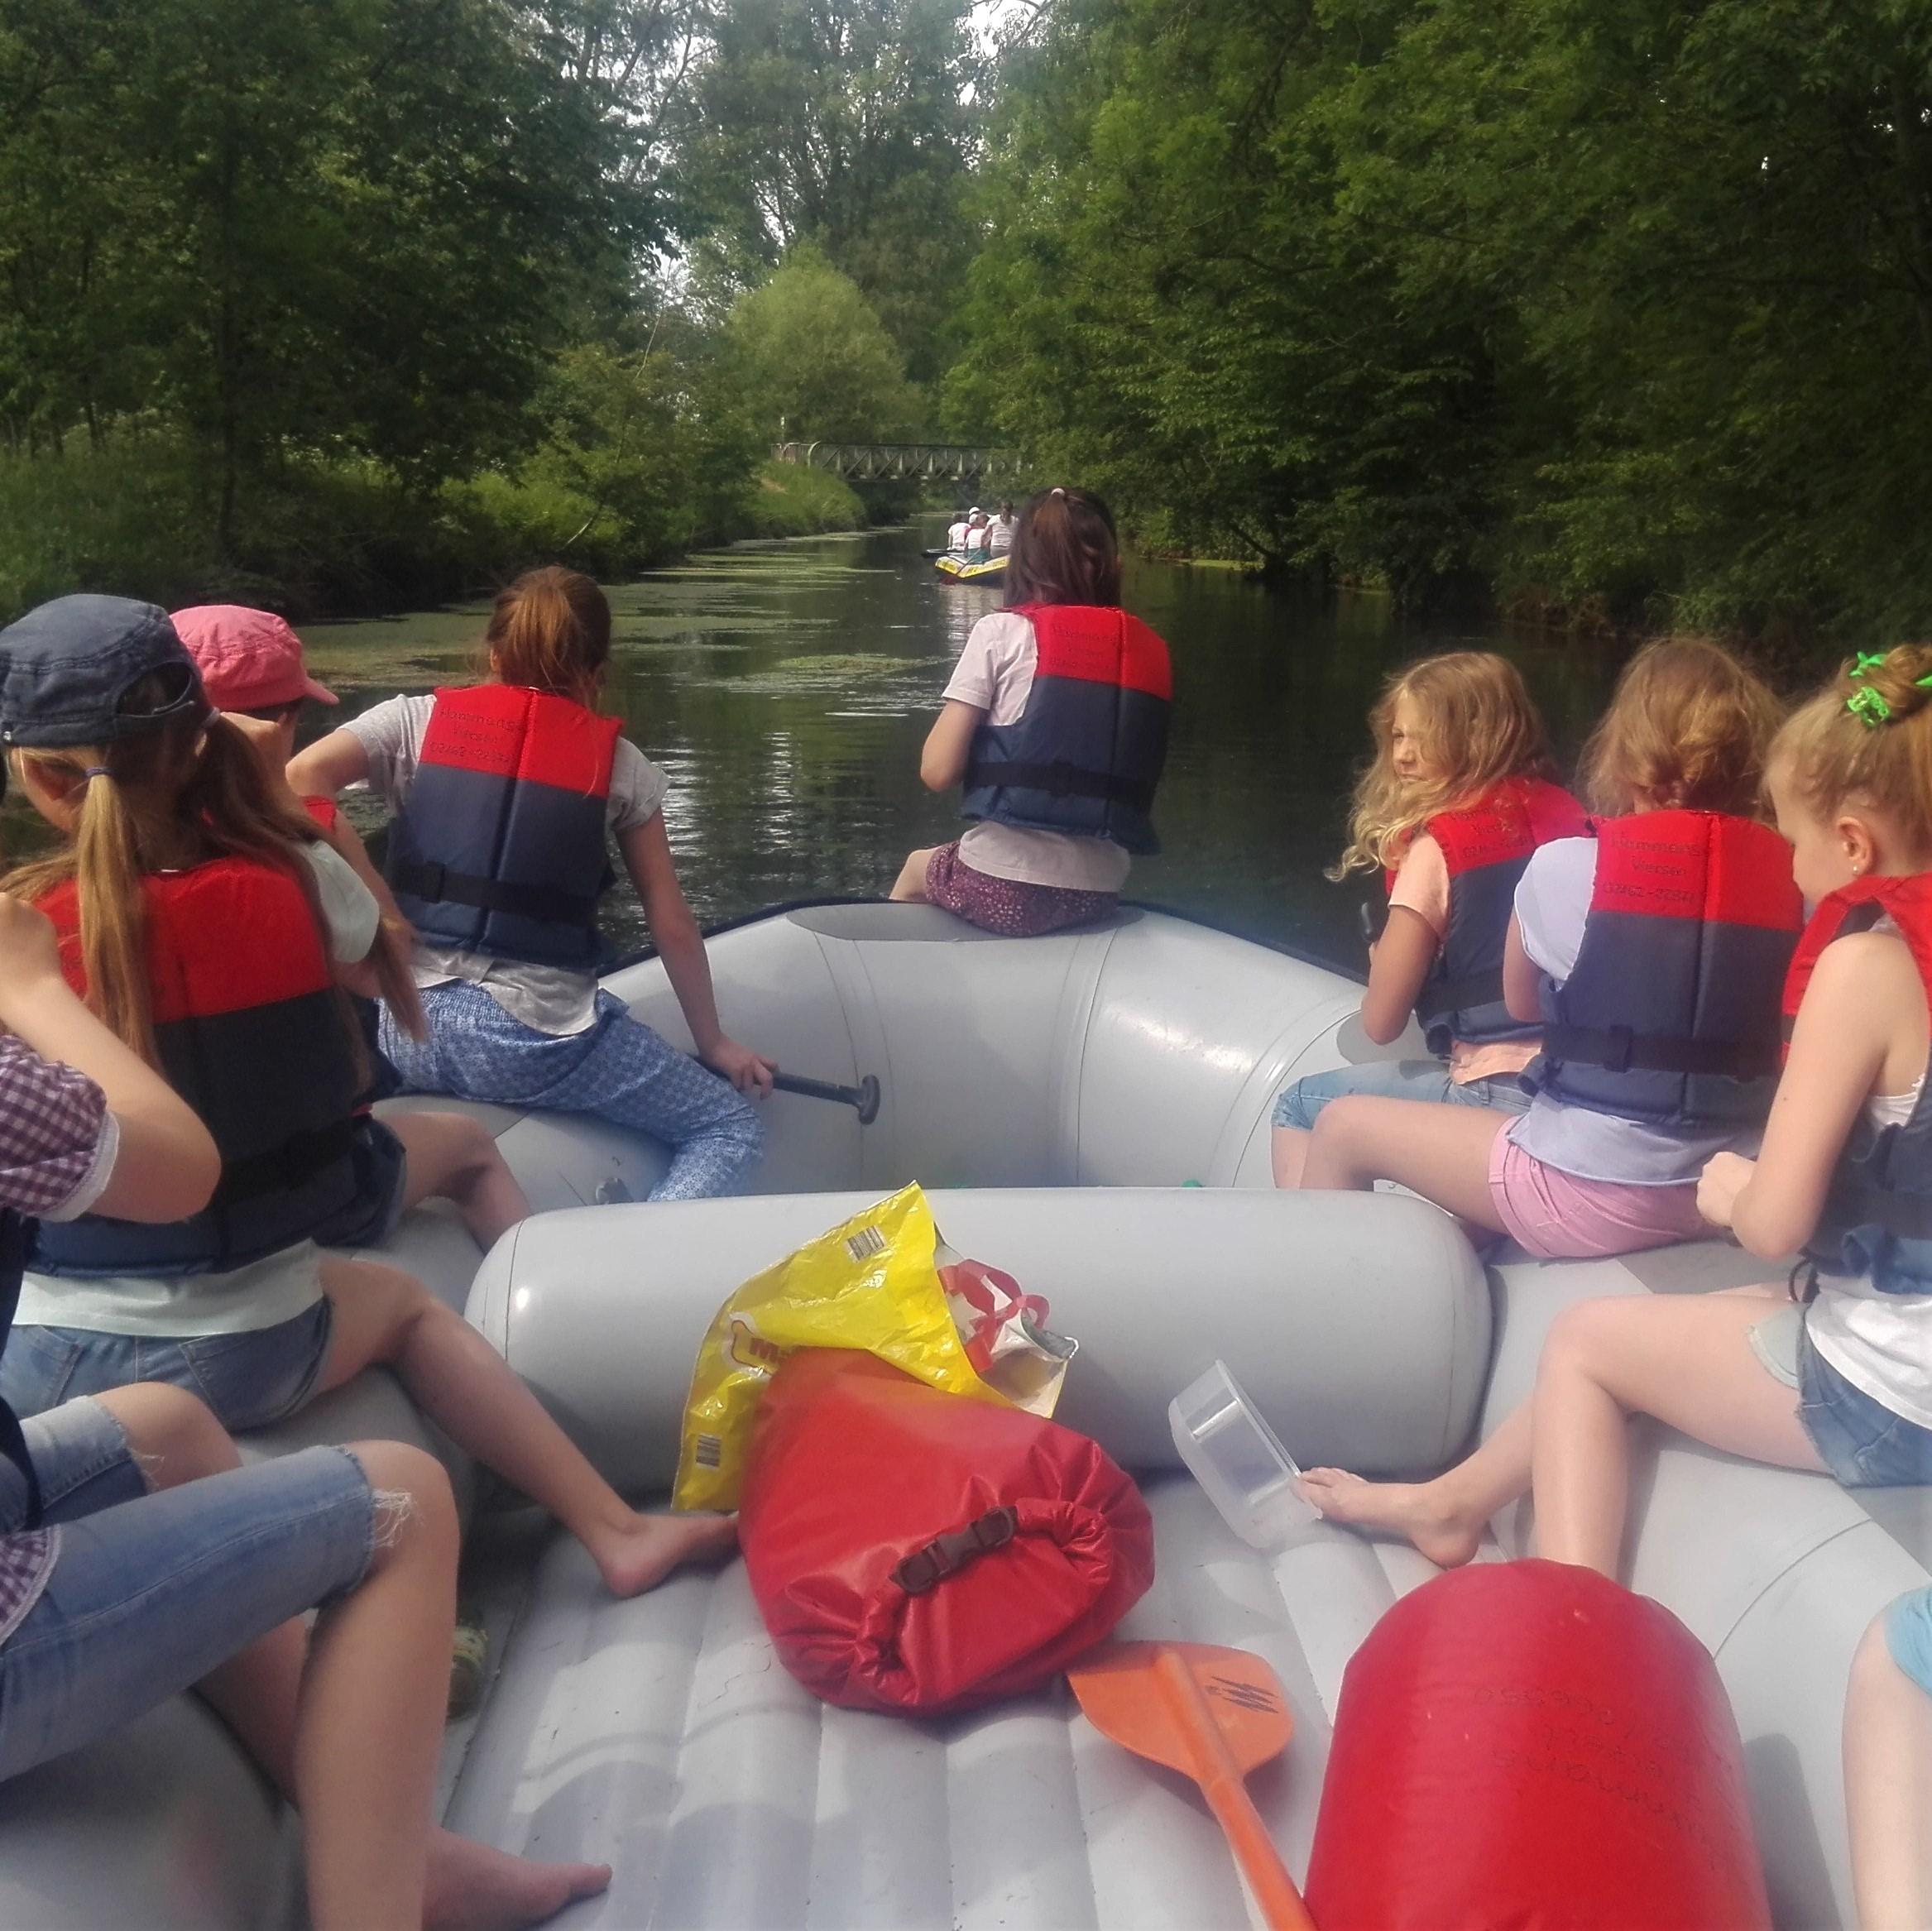 Schul-Abschlussfeier – Boot, Bus, Barbecue